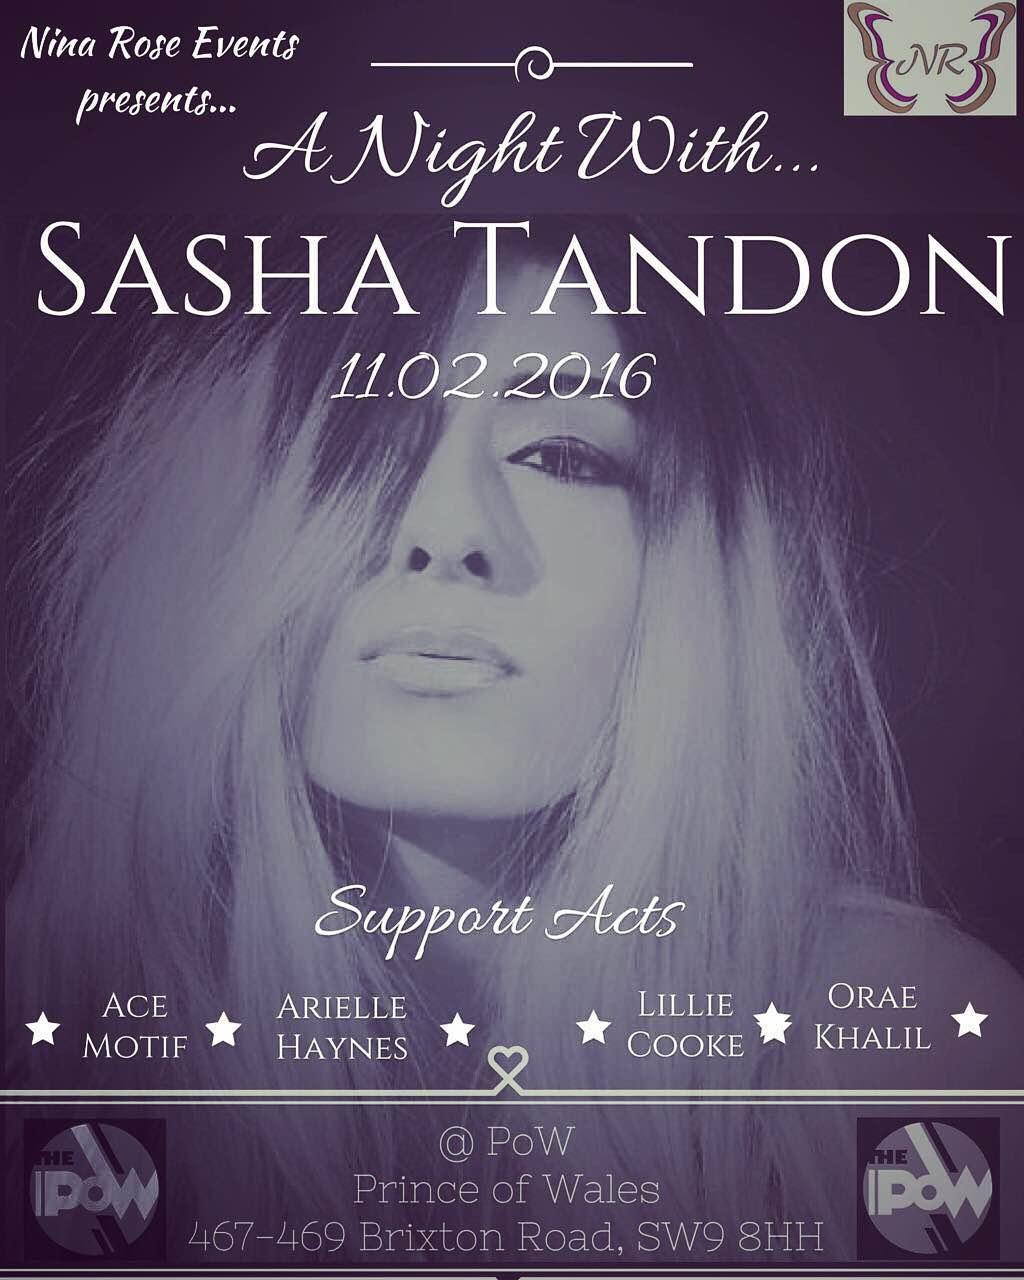 Sasha Tandon x Yemzi